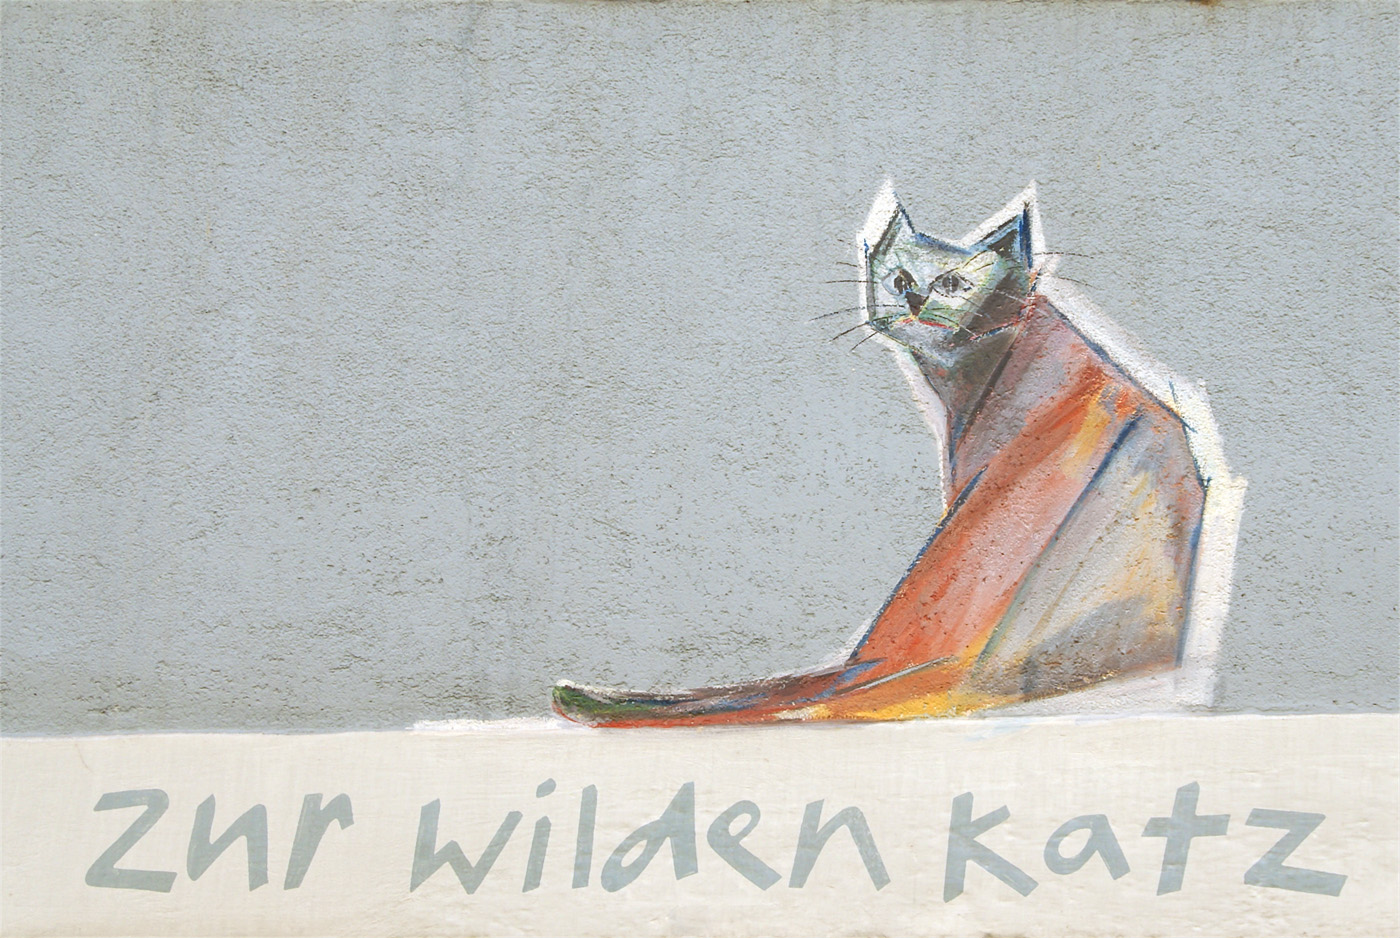 ..wild cat..